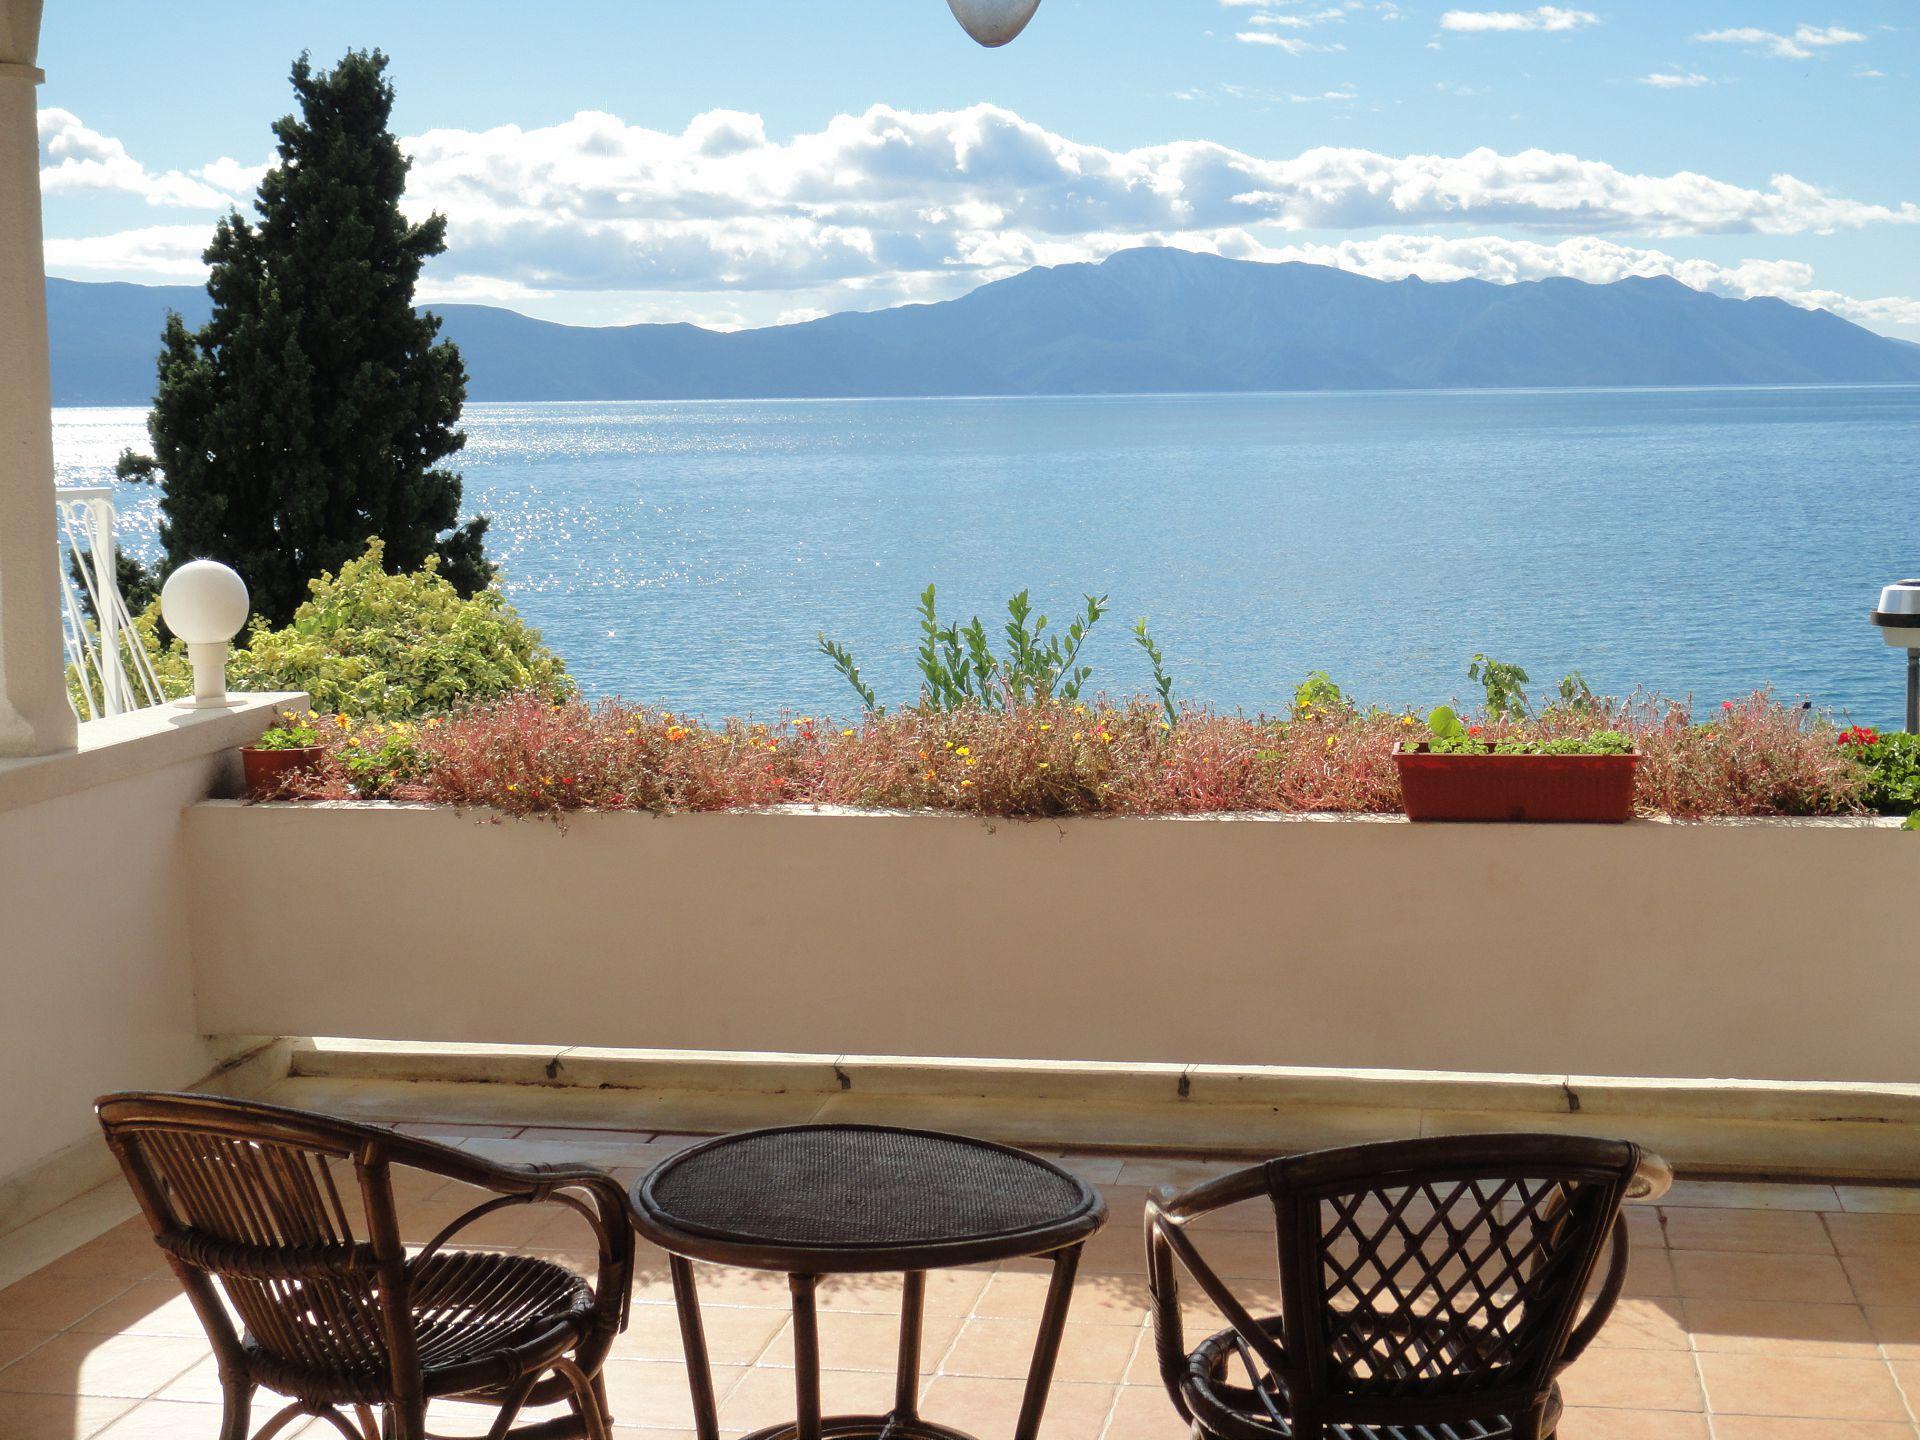 Ferienwohnung 5147  A4 Somina(2+2) - Brist (739134), Podaca, , Dalmatien, Kroatien, Bild 6